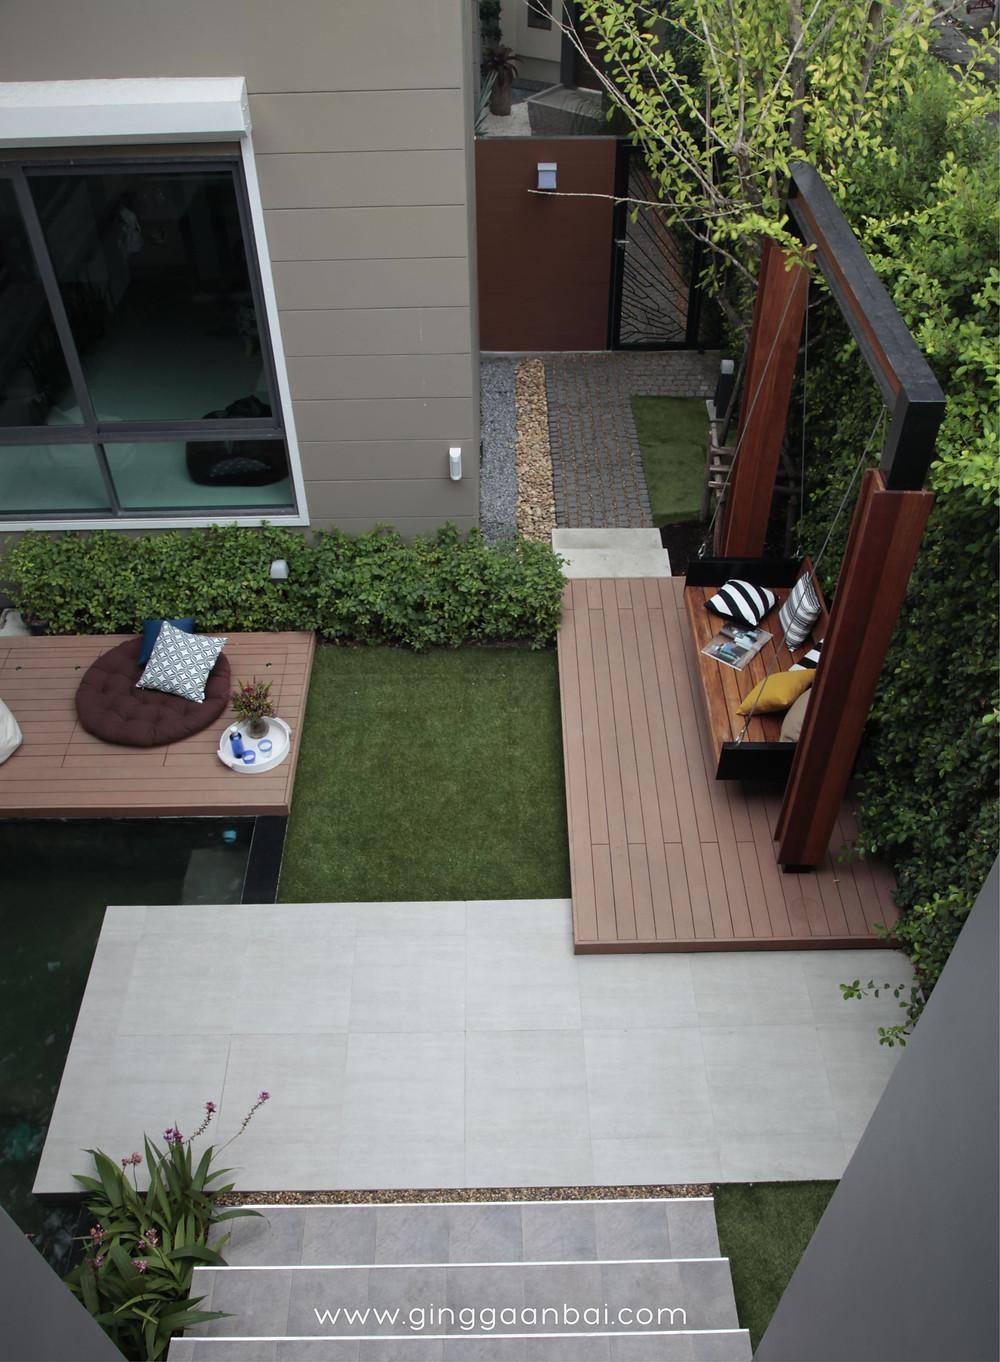 กิ่ง ก้าน ใบ จัดสวน ออกแบบสวน